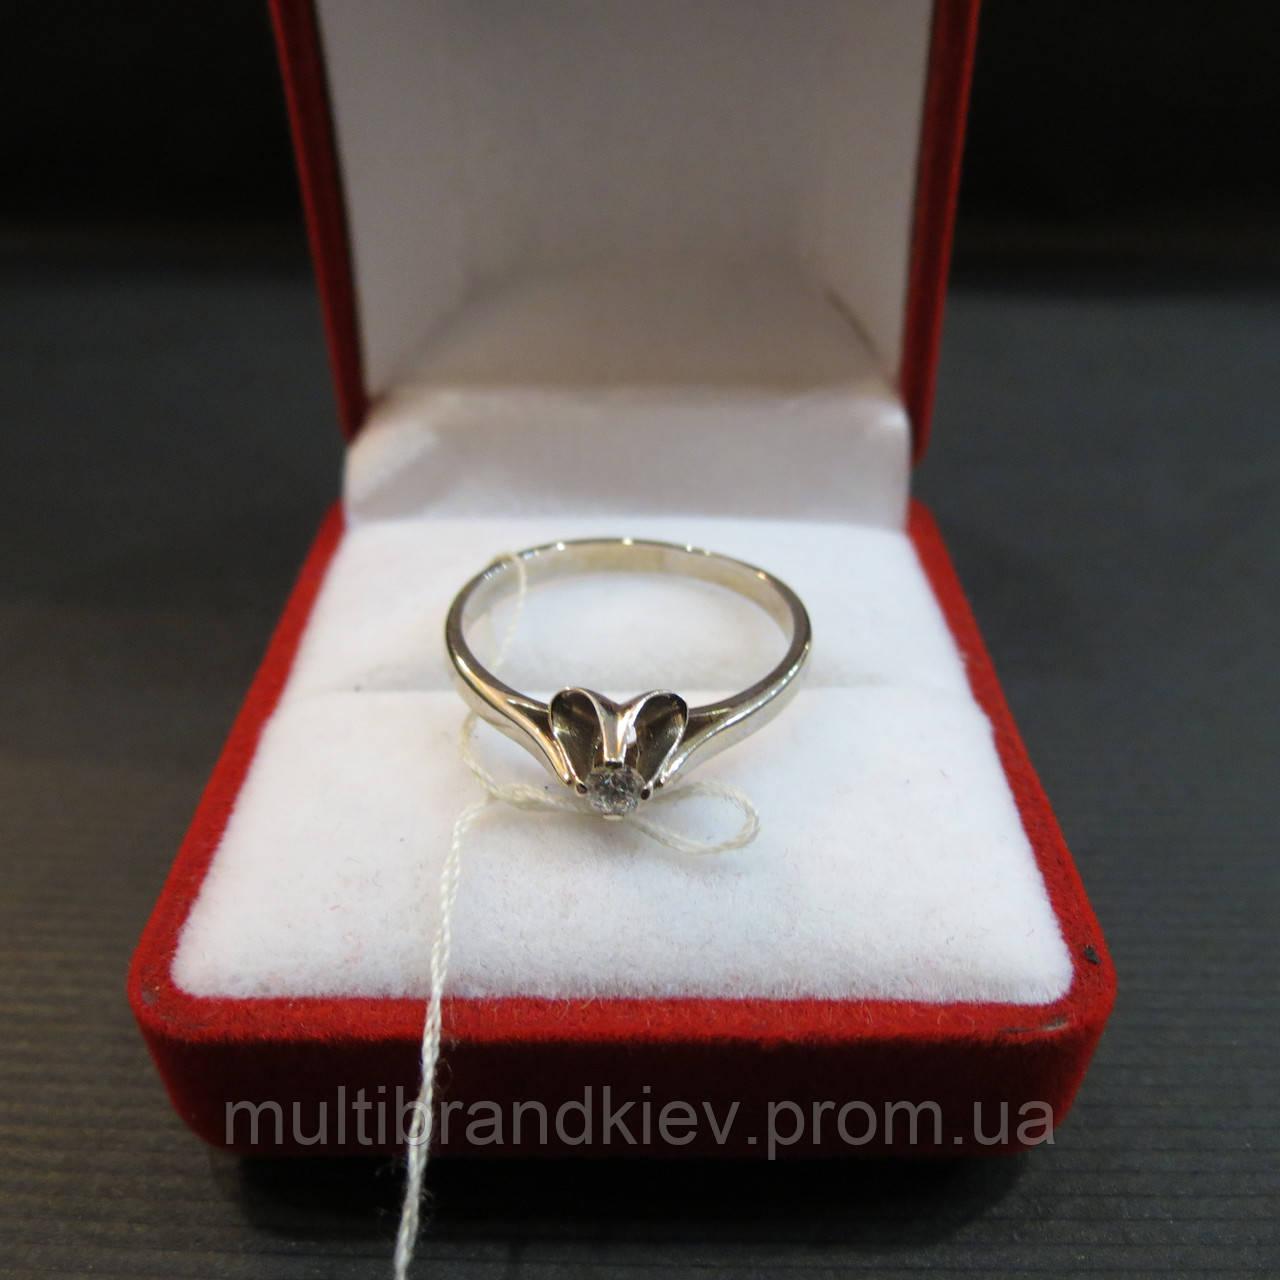 Золотое Кольцо с бриллиантом размер 18,5